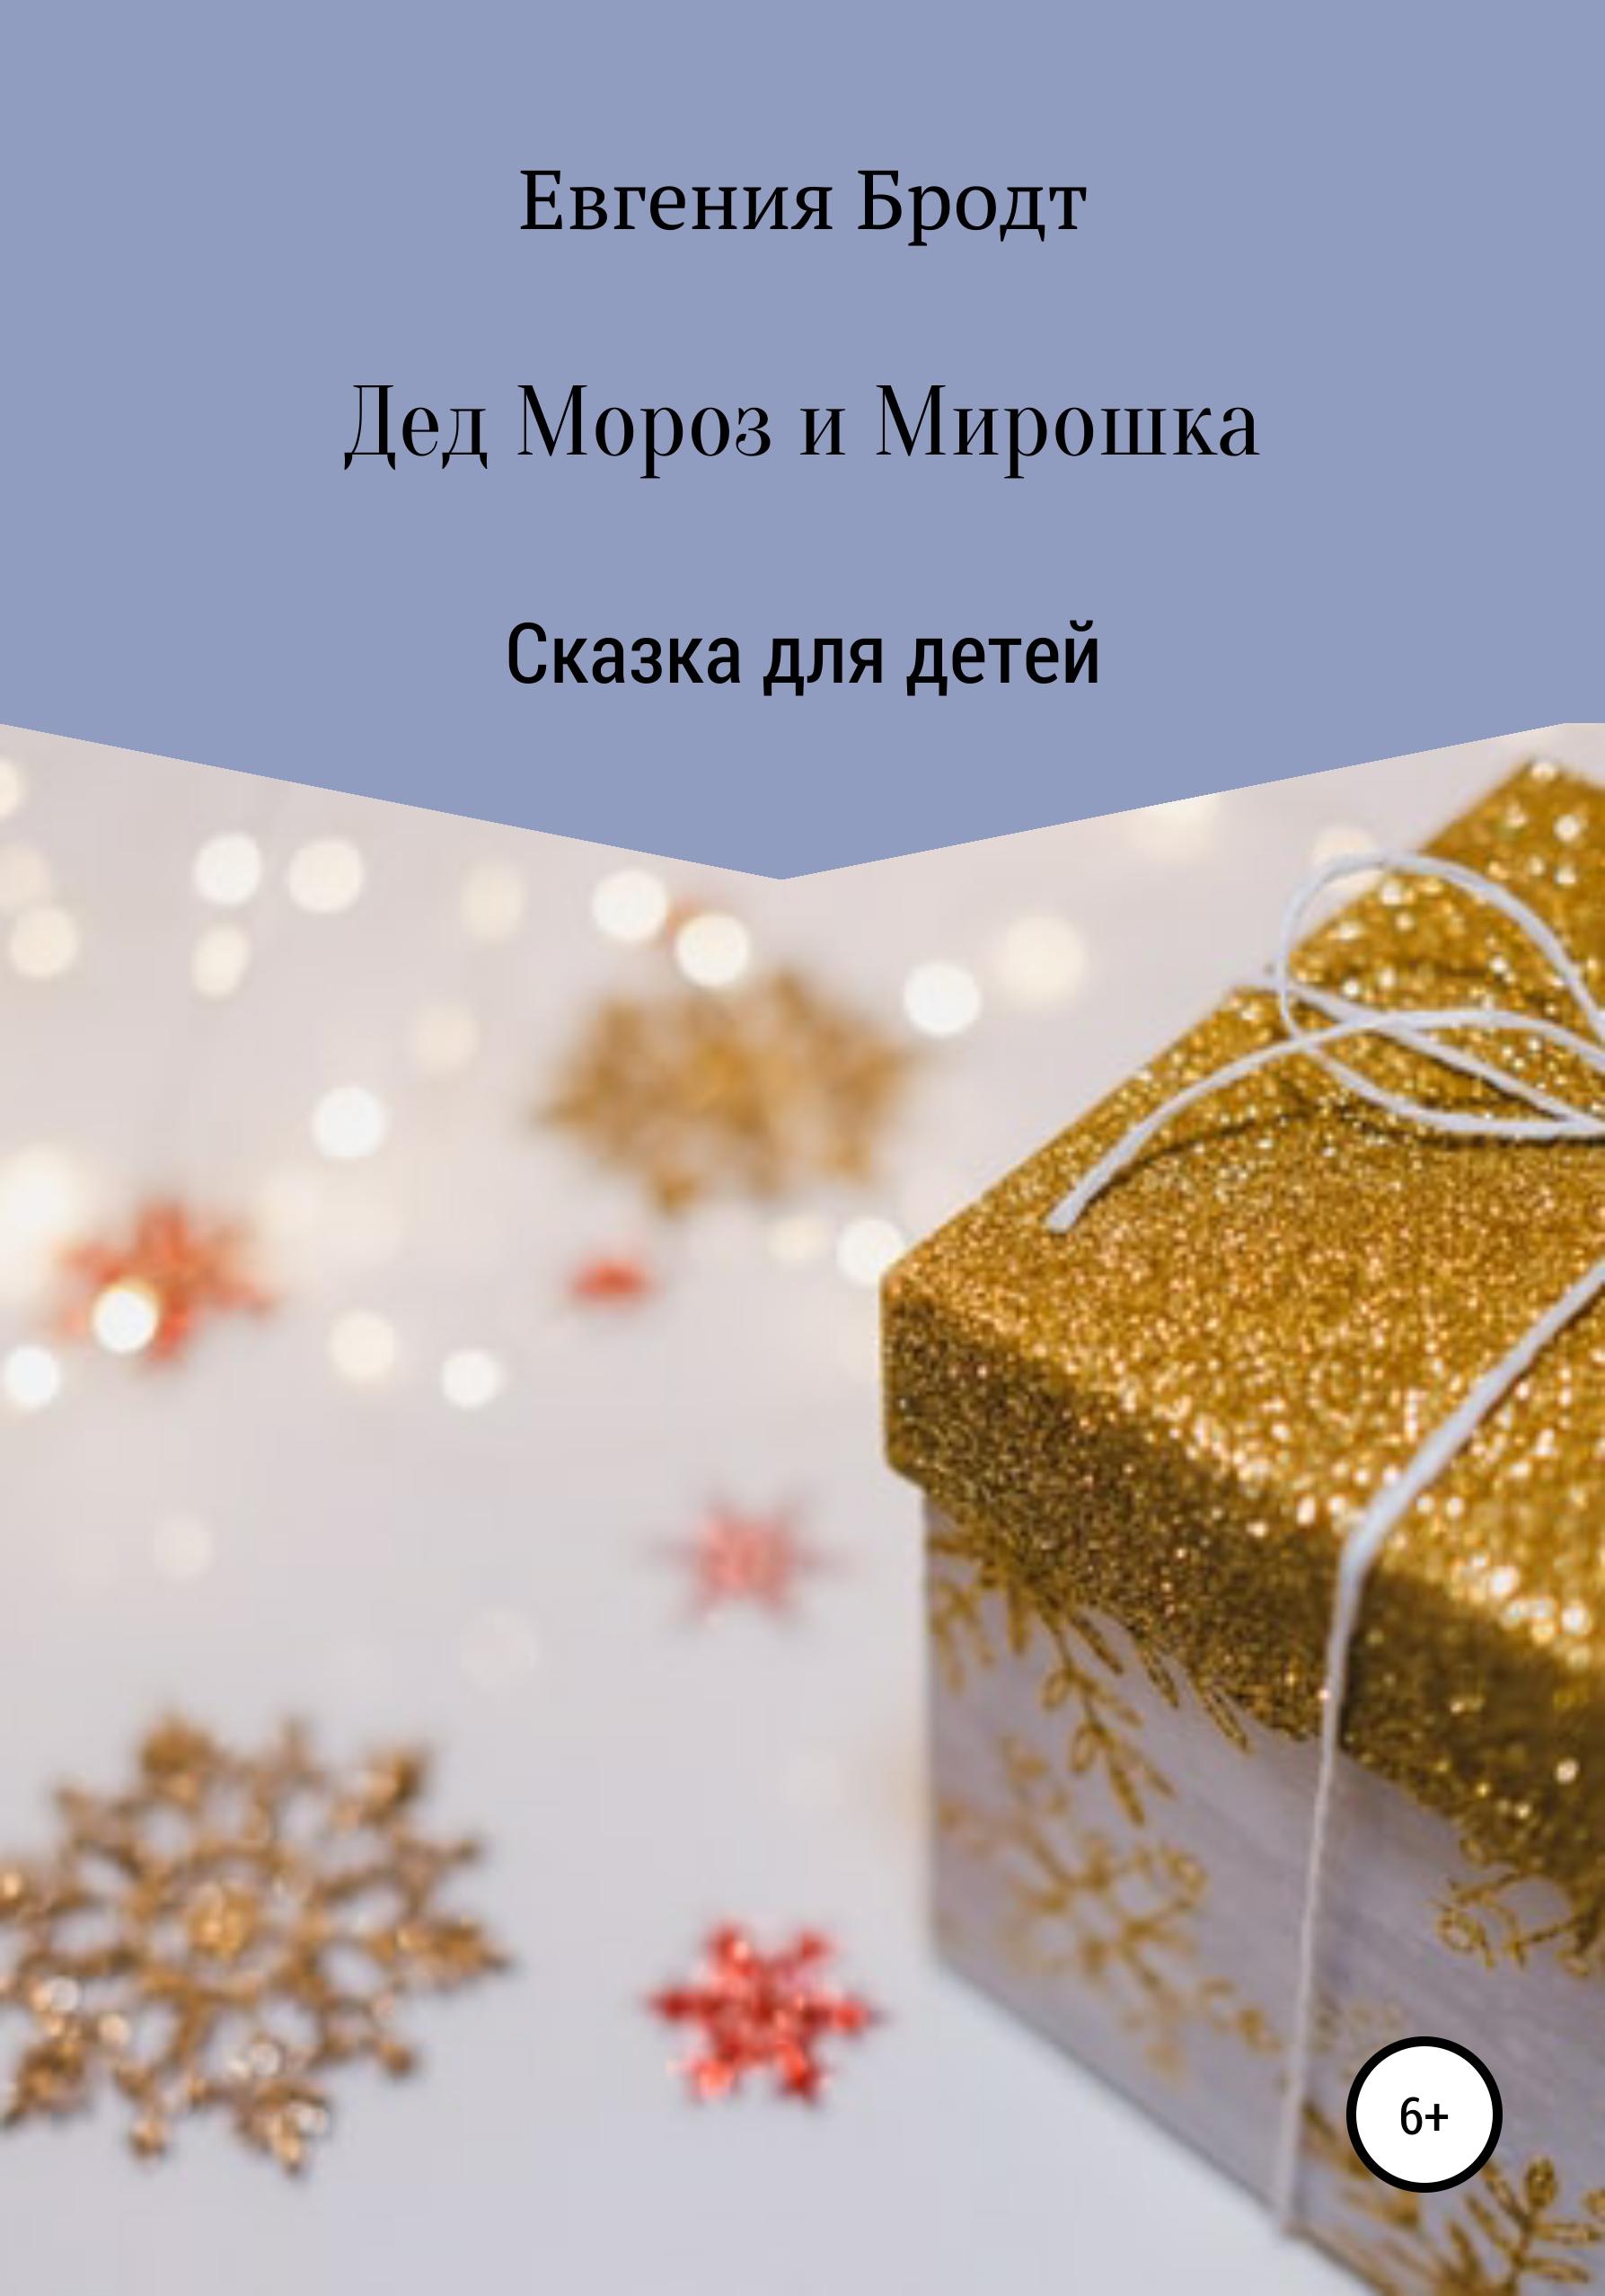 Купить книгу Дед Мороз и Мирошка, автора Евгении Николаевны Бродт